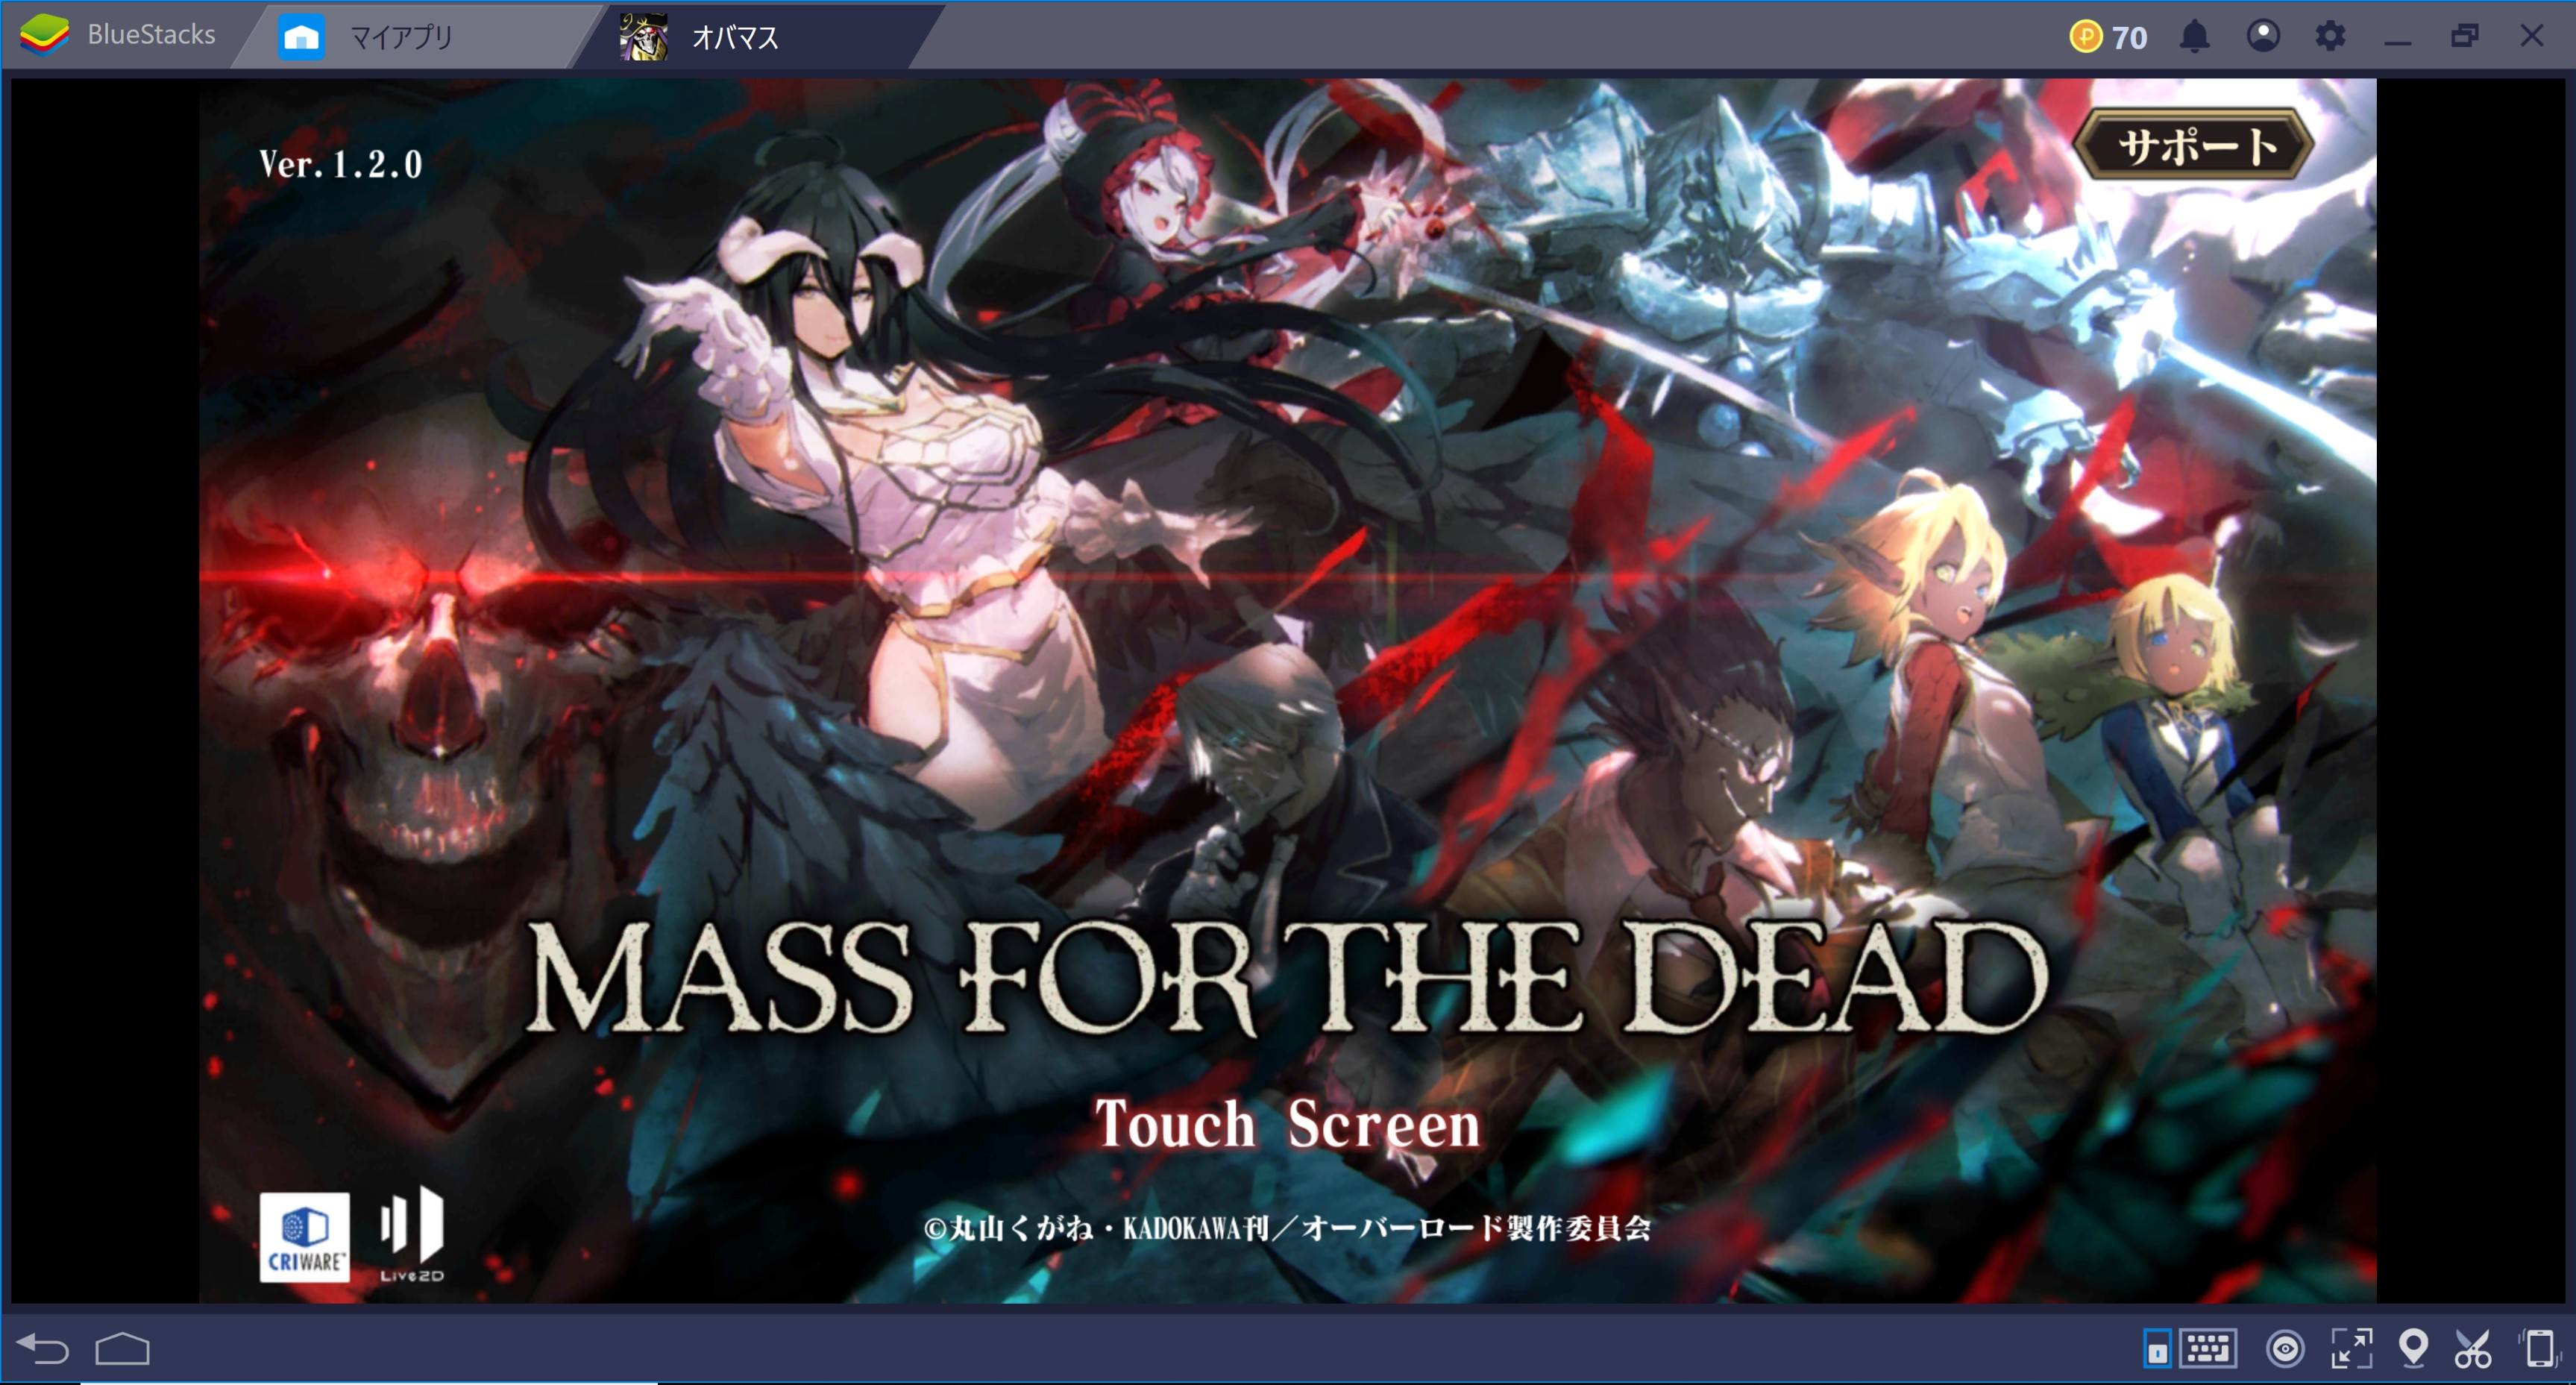 『MASS FOR THE DEAD』をPCで快適にプレイしましょう!